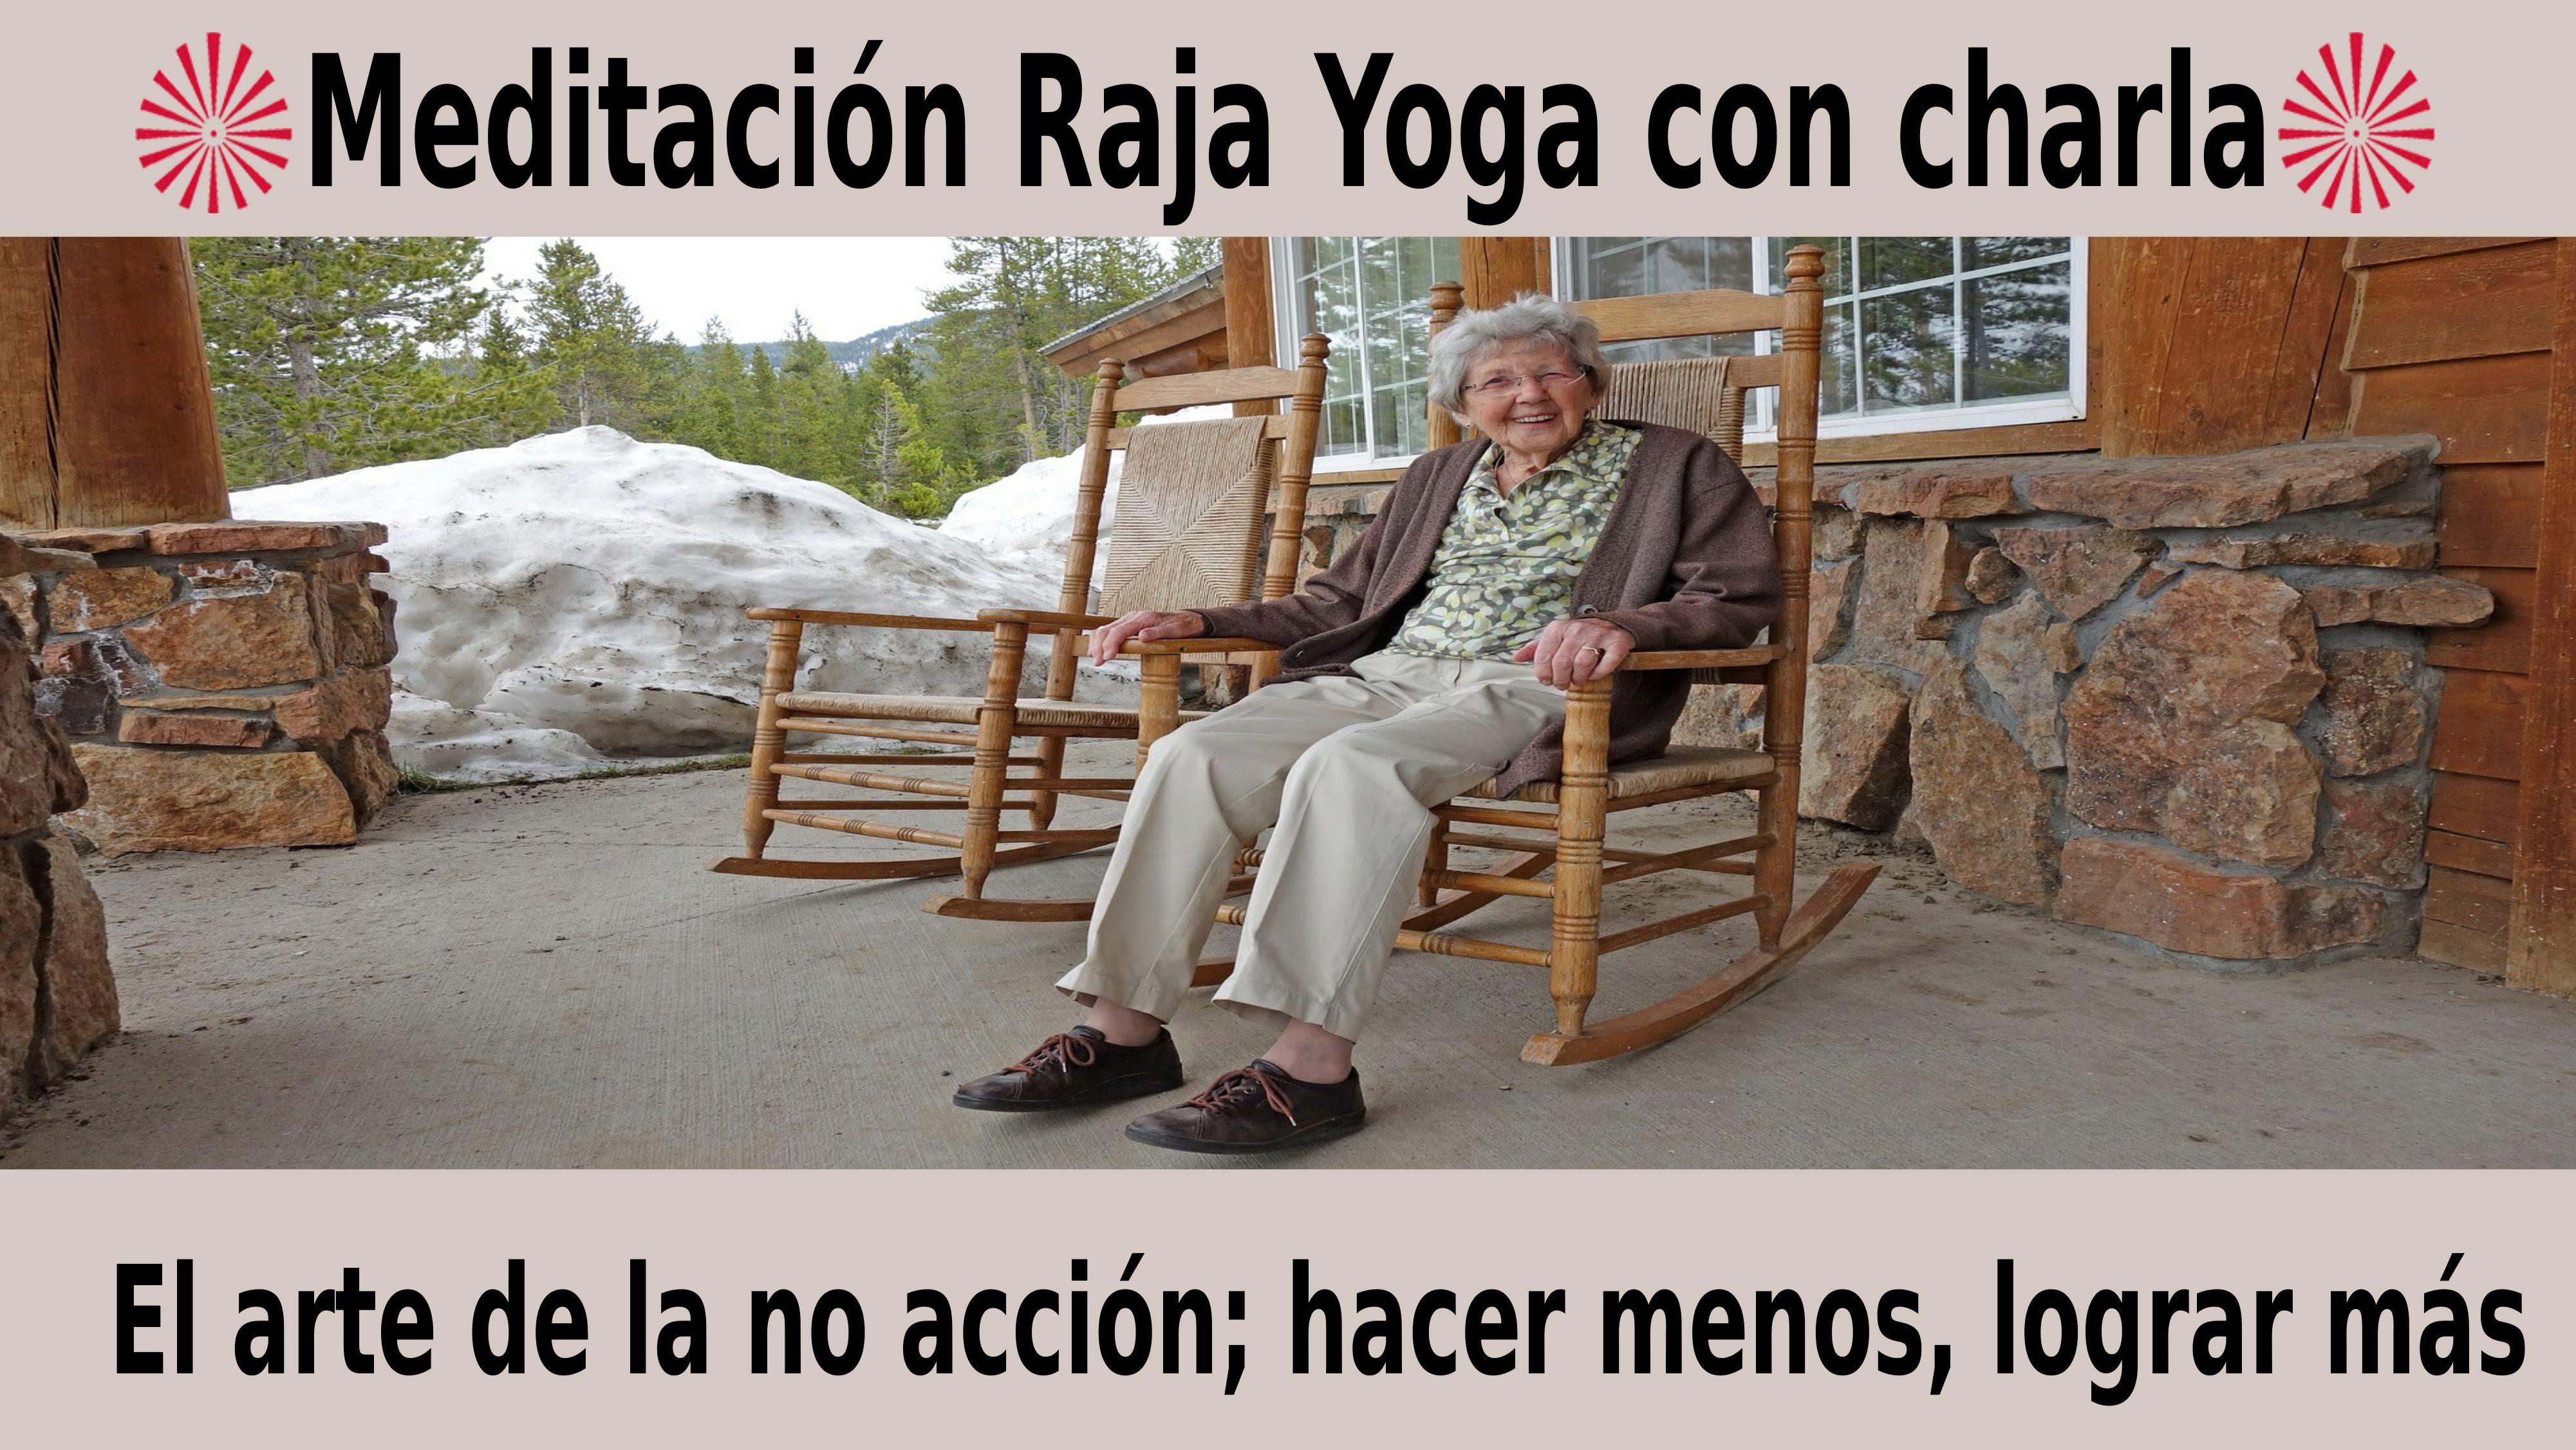 Meditación Raja Yoga con charla: El arte de la no acción; hacer menos, lograr más (16 Noviembre 2020) On-line desde Mallorca